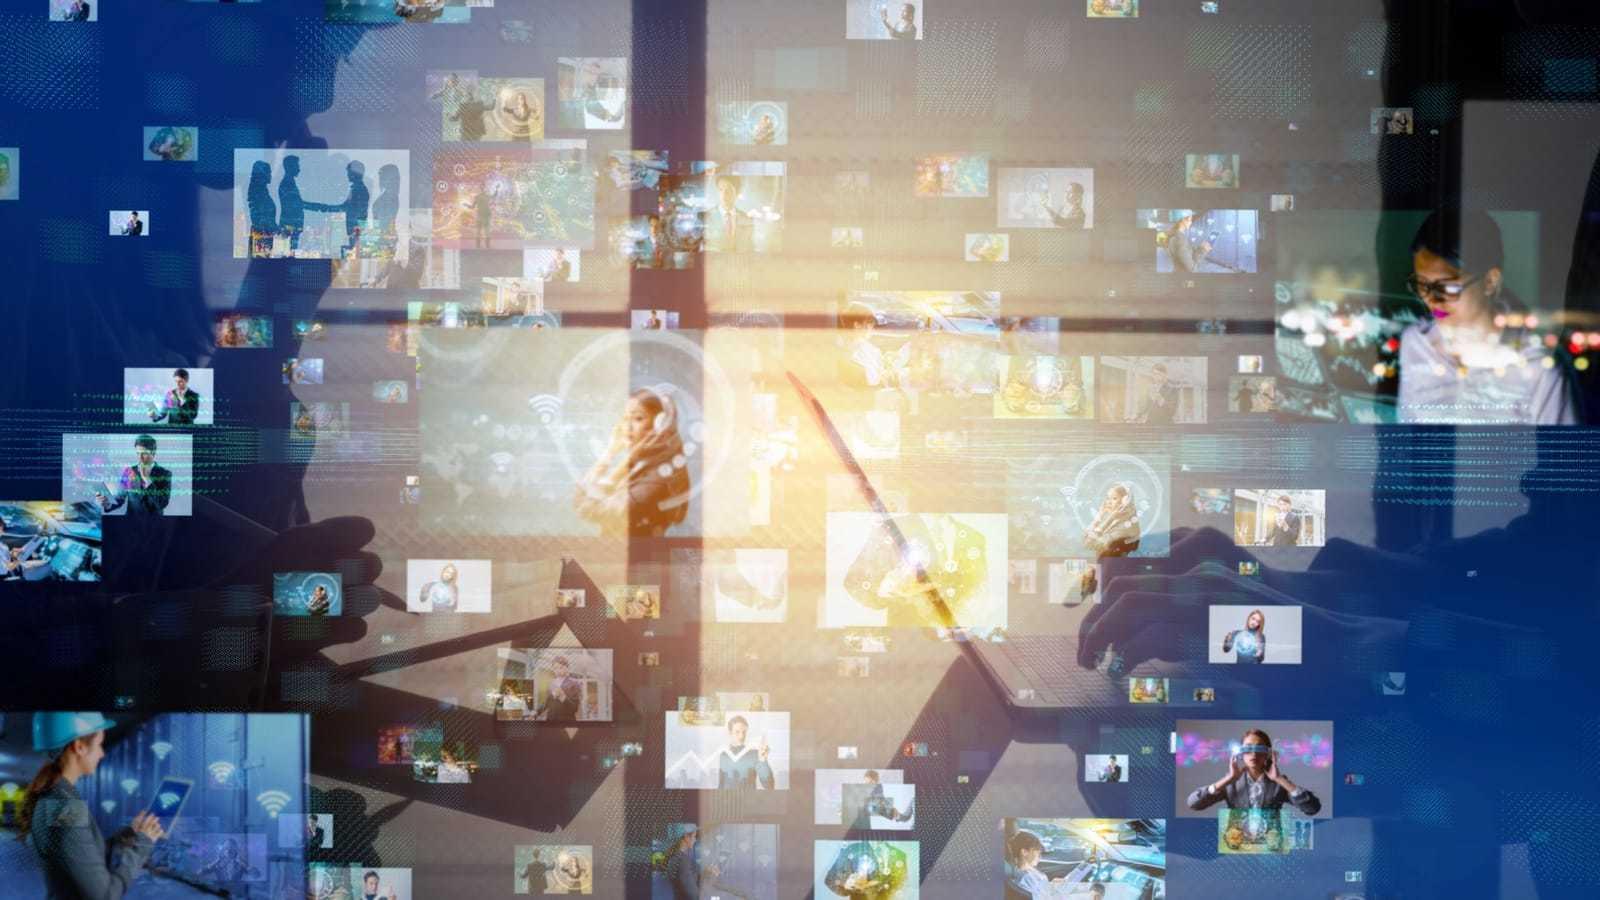 パソコンを使う人の上に、様々なイメージが浮かび上がる様子